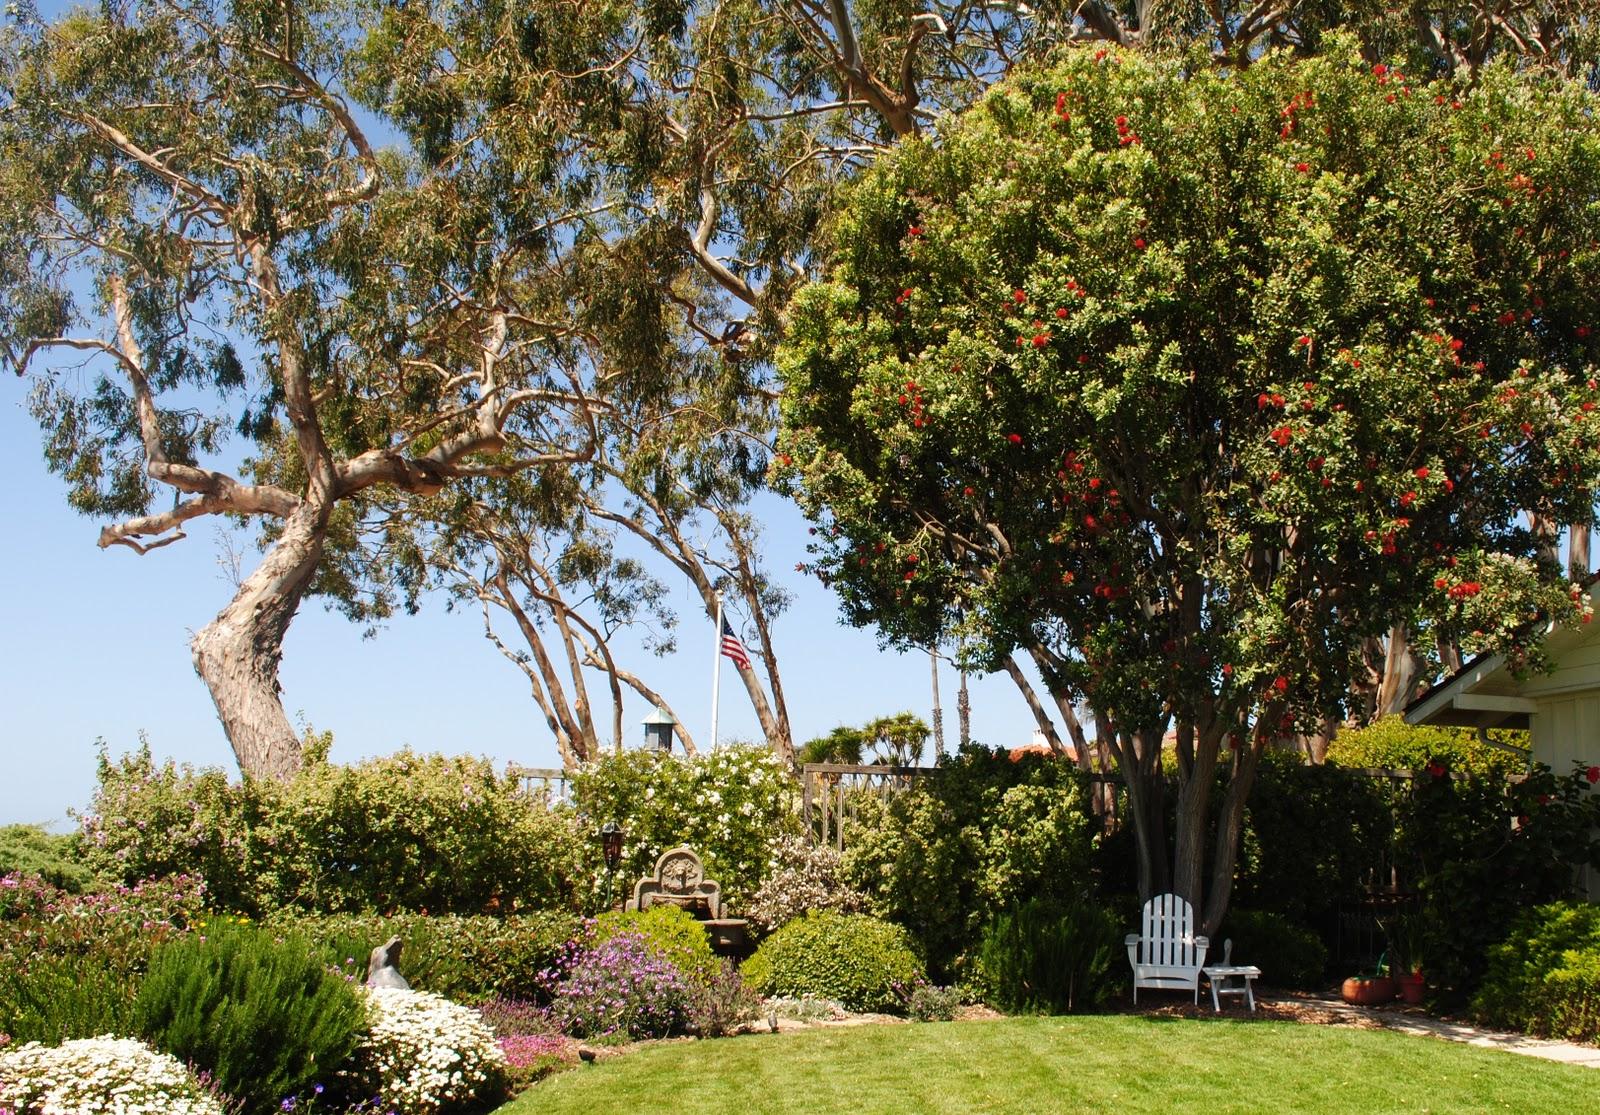 Paysage potager for Specimen trees